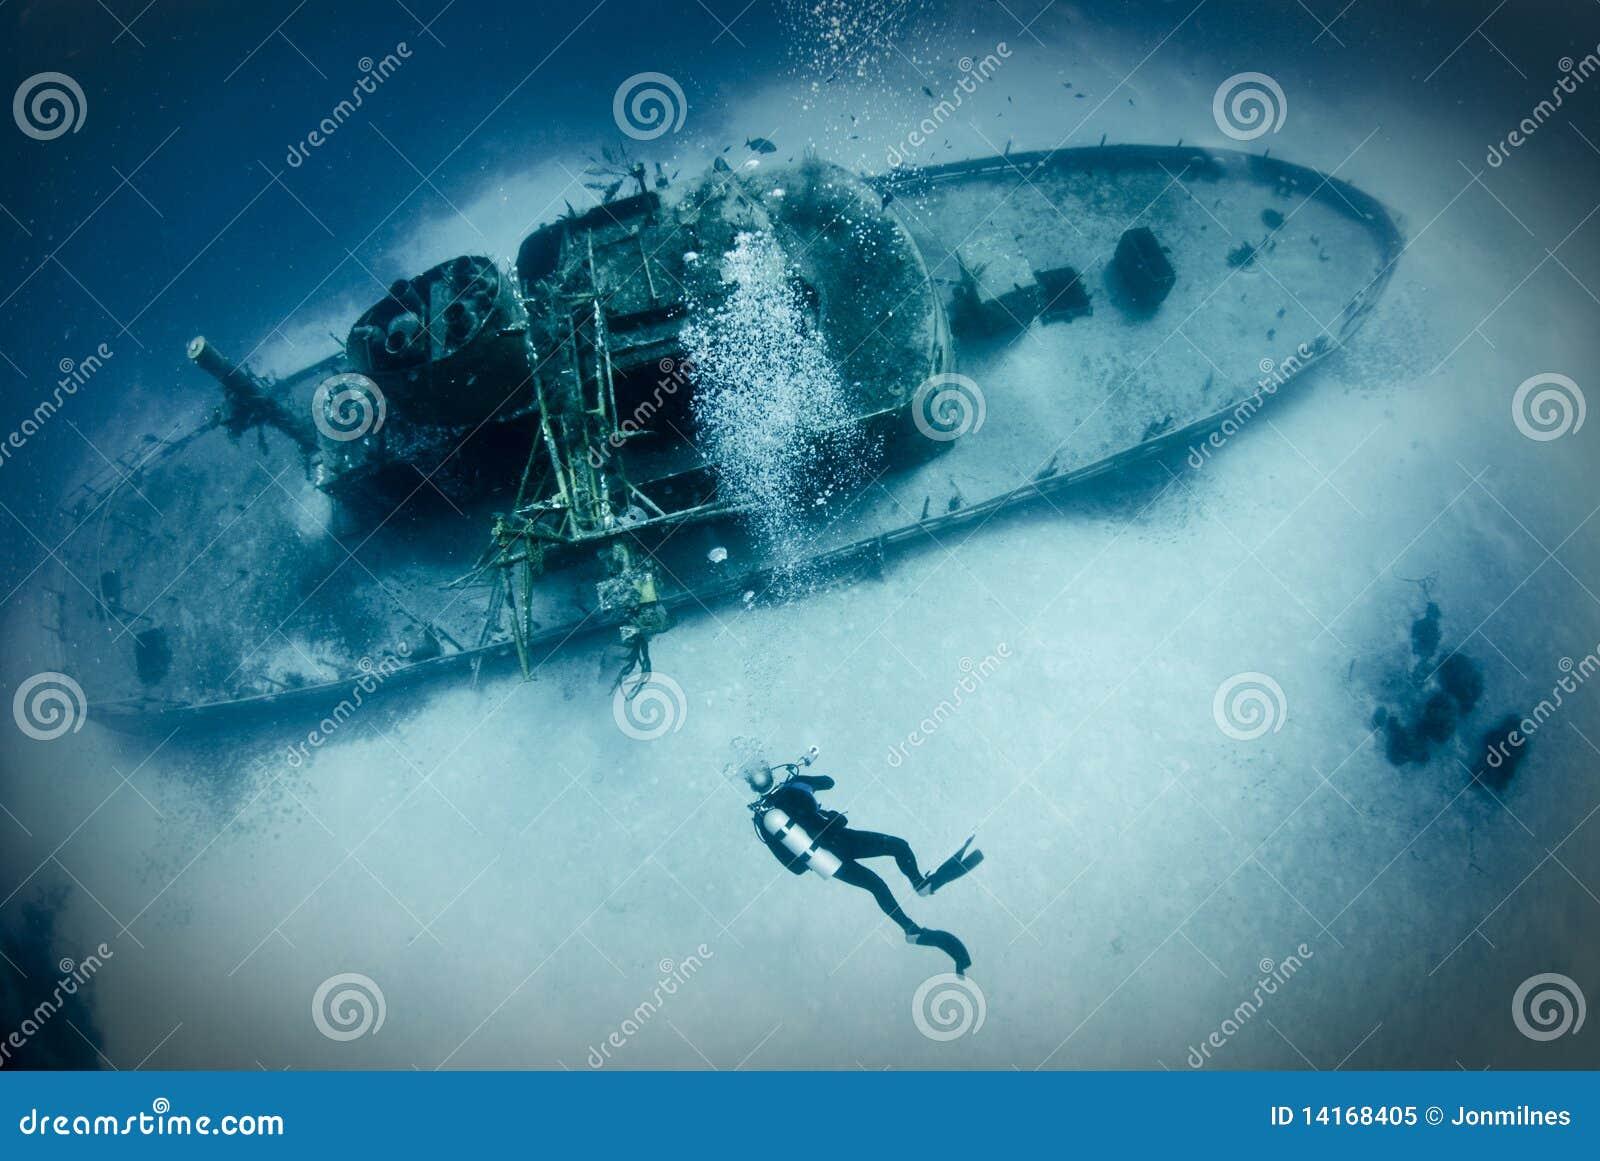 Operatore subacqueo sul naufragio della nave